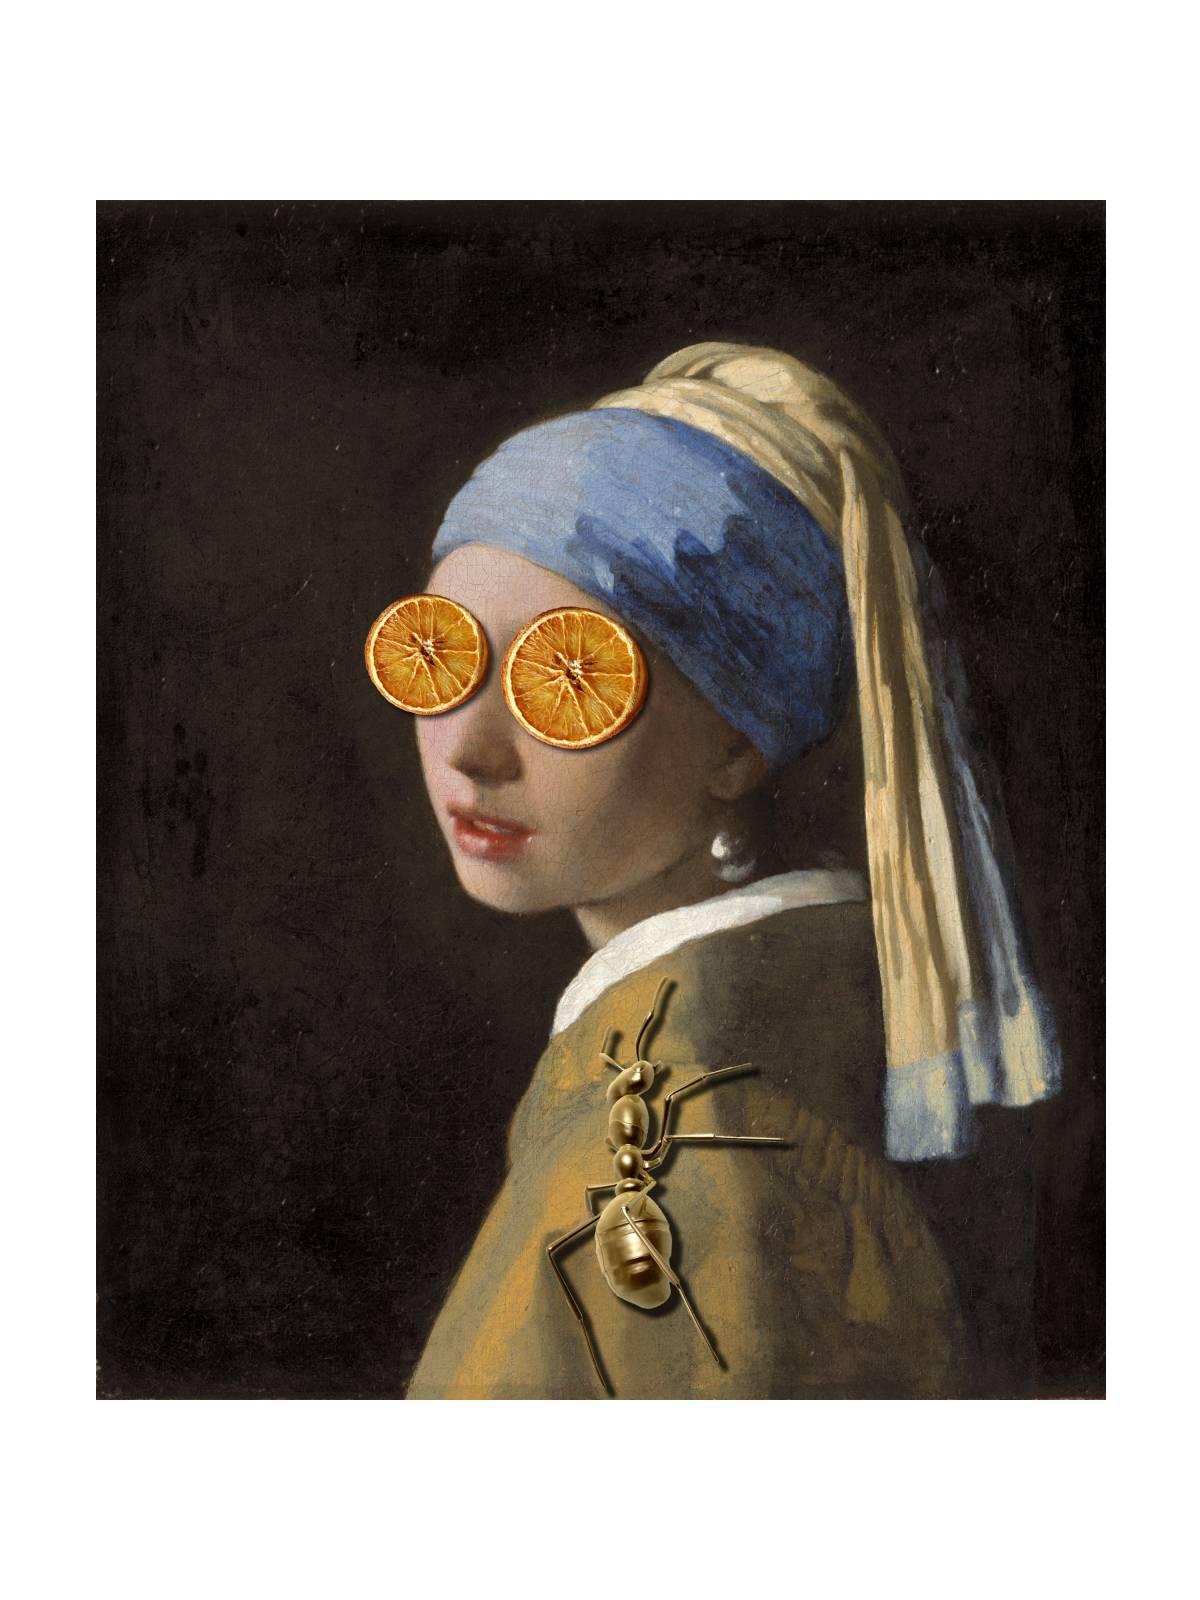 mi media naranja (2016) - Lucía Chiner